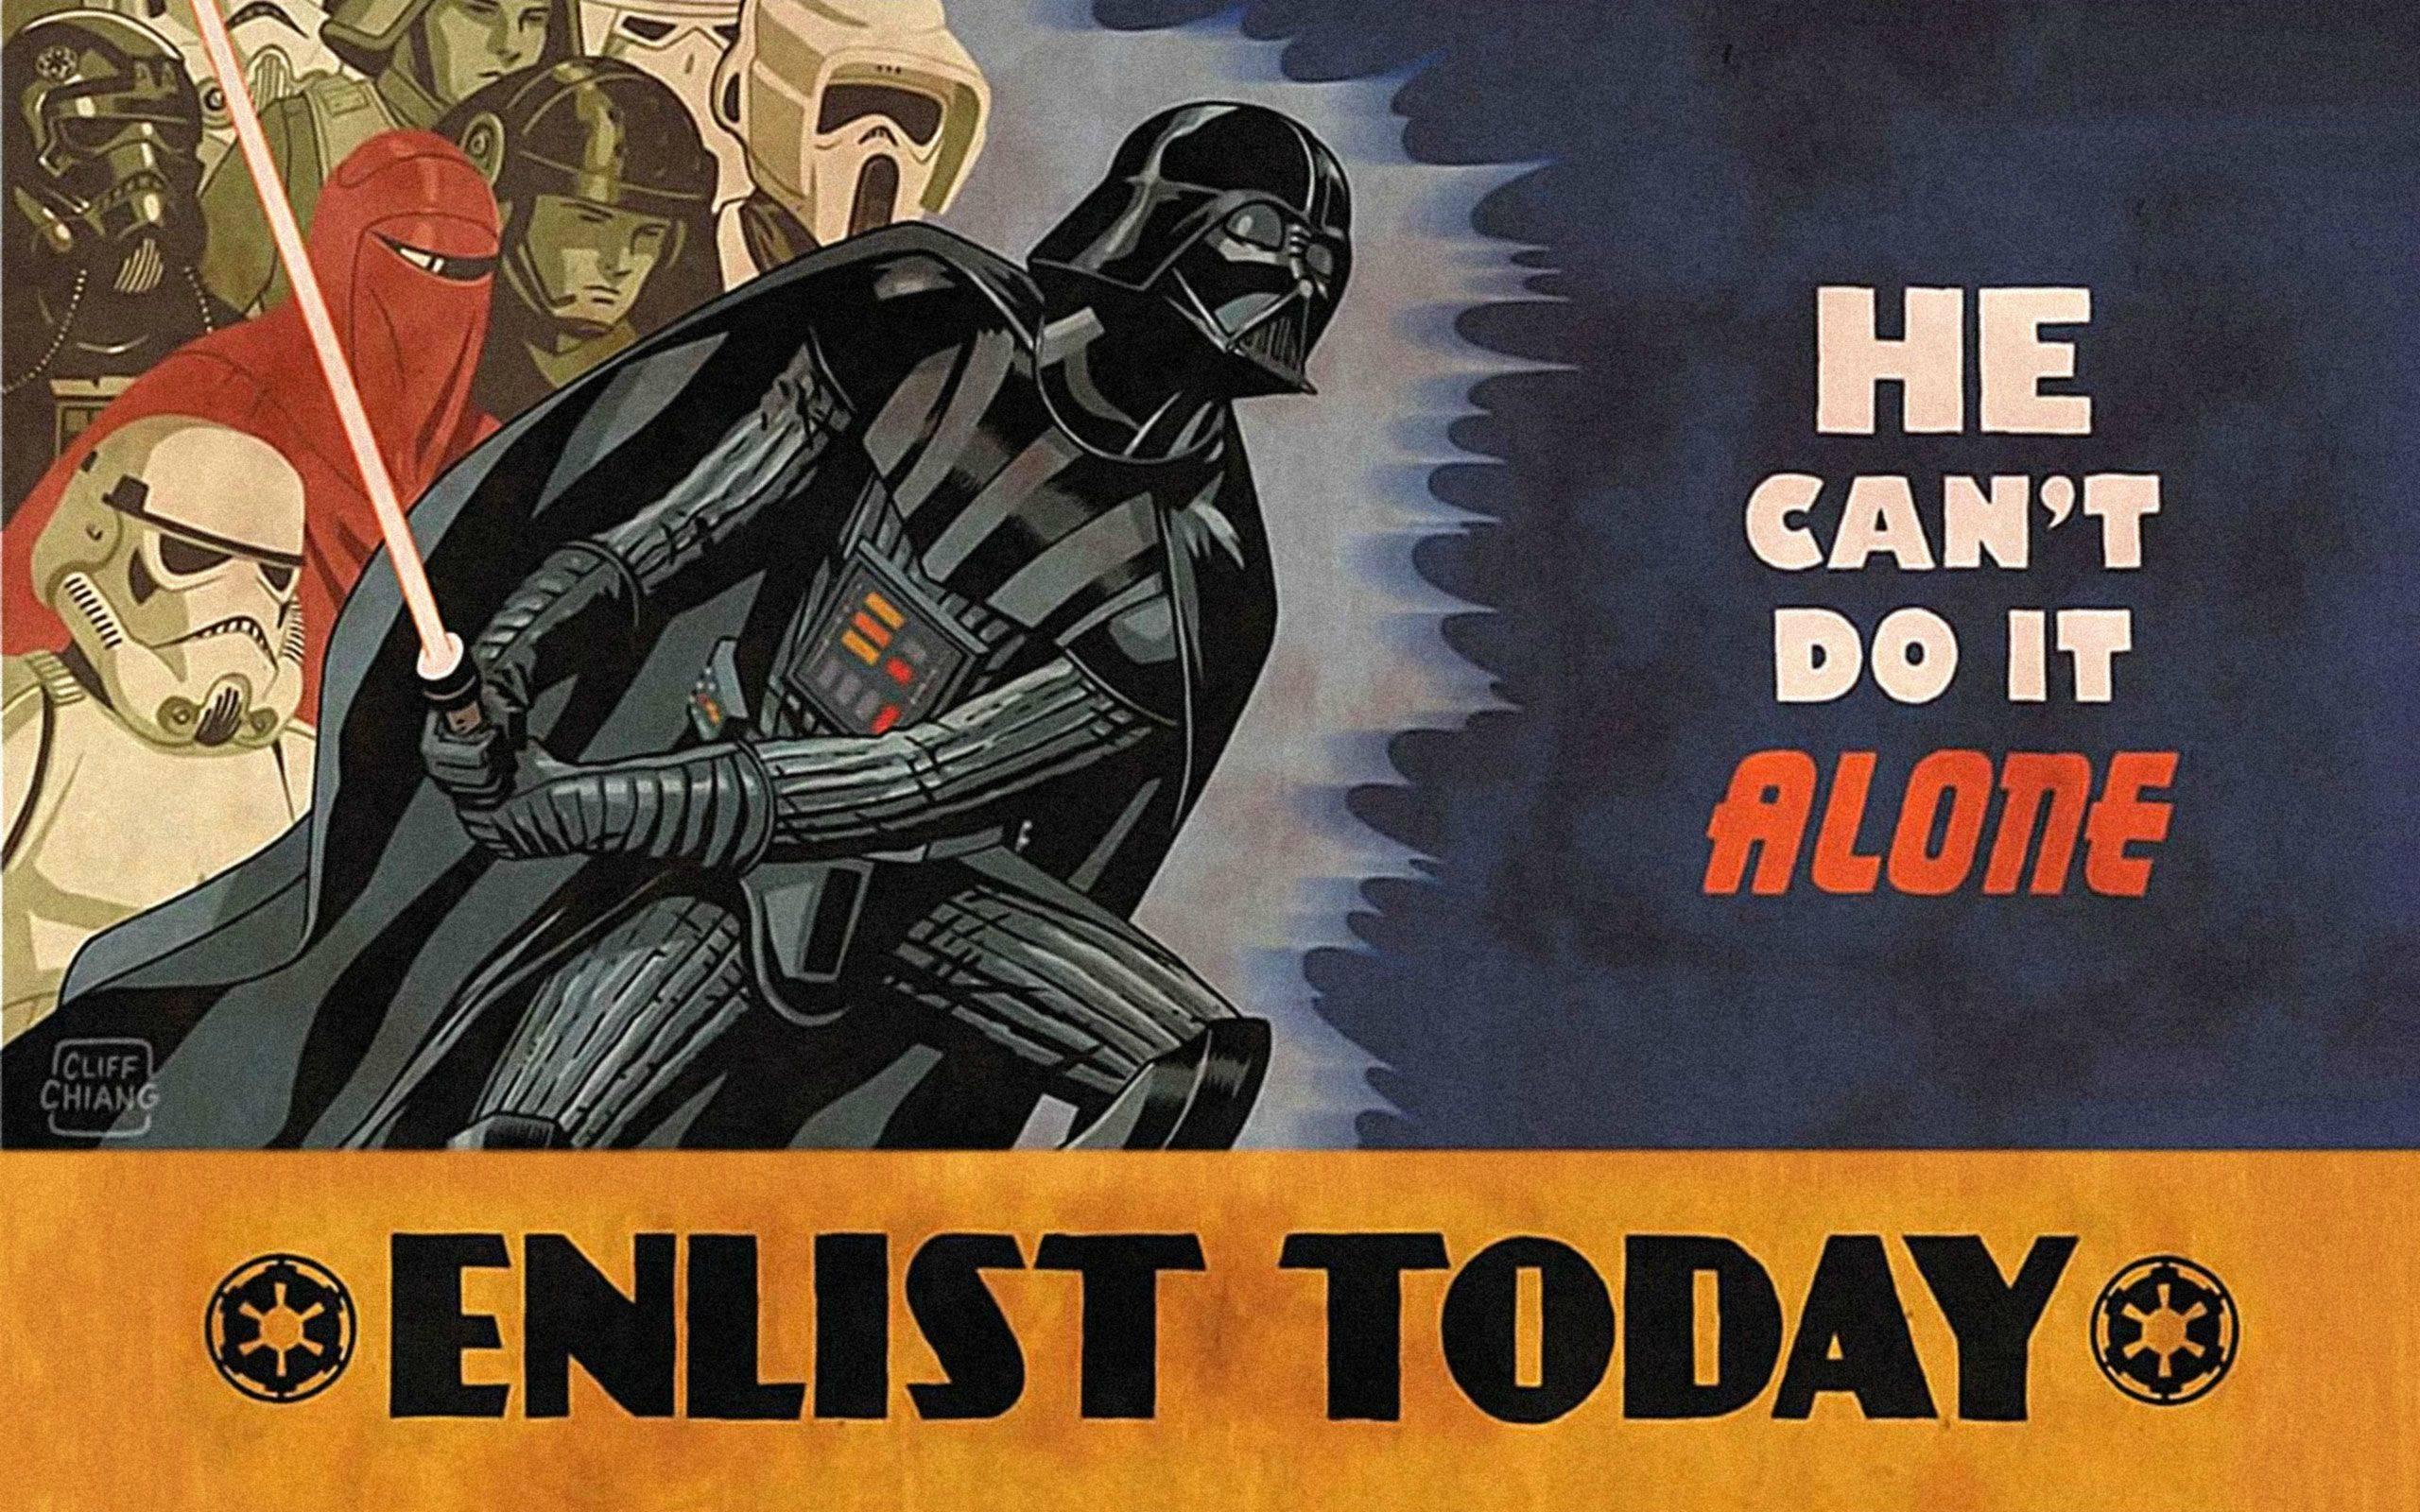 Pro-empire-enlist-today-he-needs-you.jpg